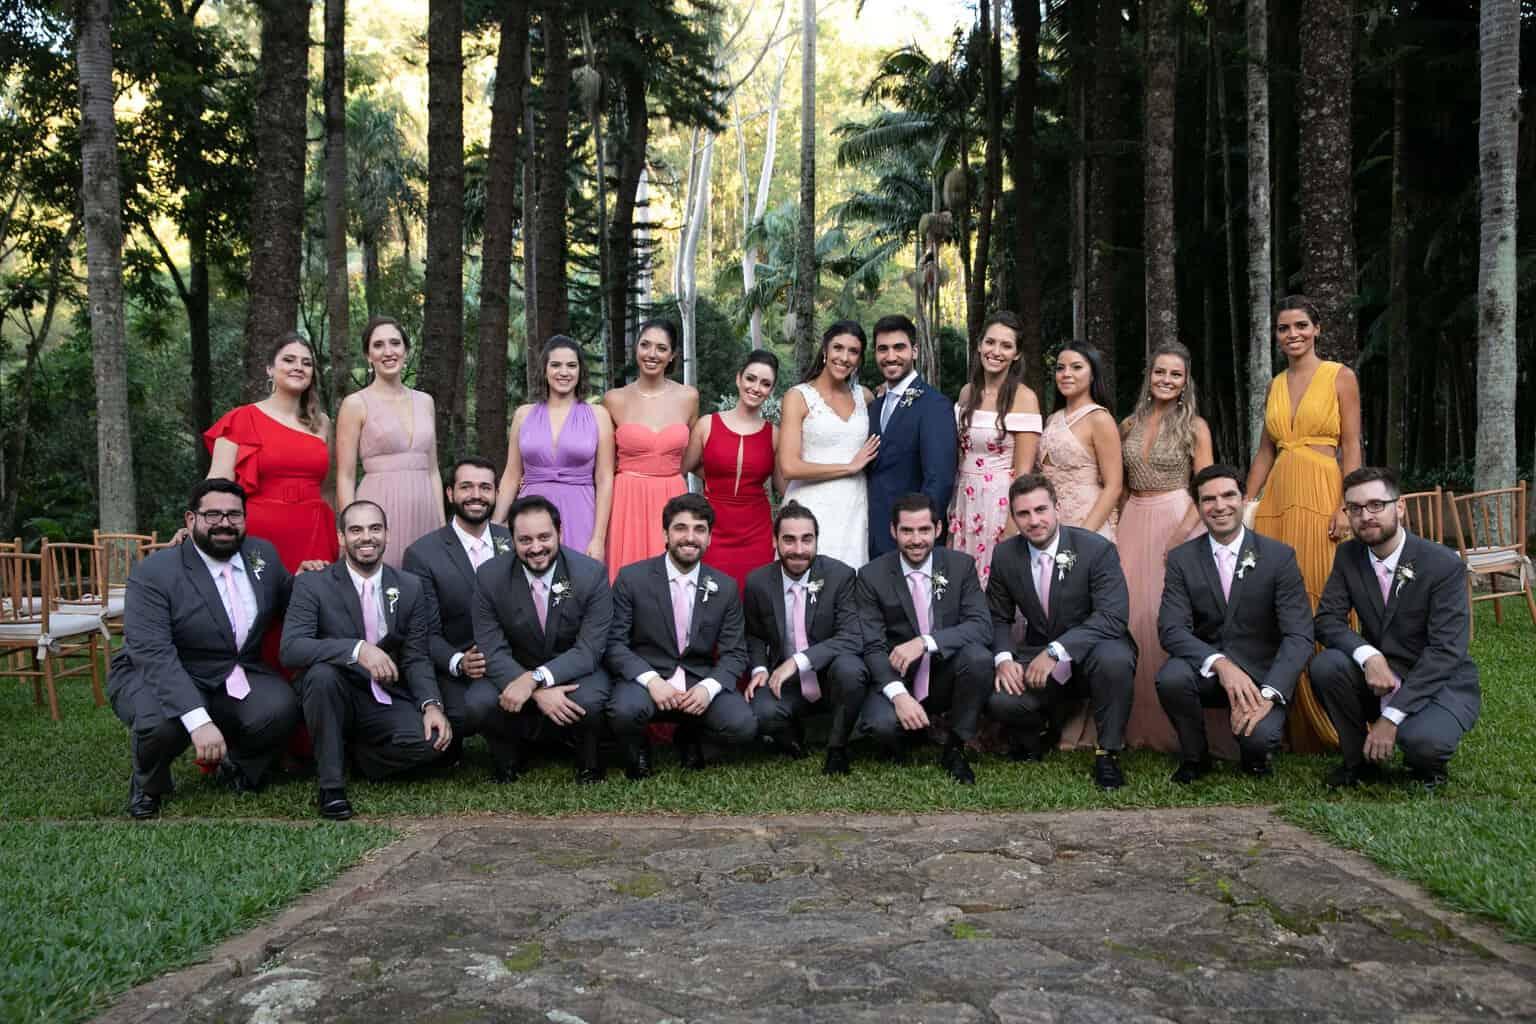 casamento-na-Fazenda-Vila-Rica-cerimonial-Ana-Paula-Tabet-Fotografia-Euka-Weddings-madrinhas-padrinhos-Renata-e-Gabriel103